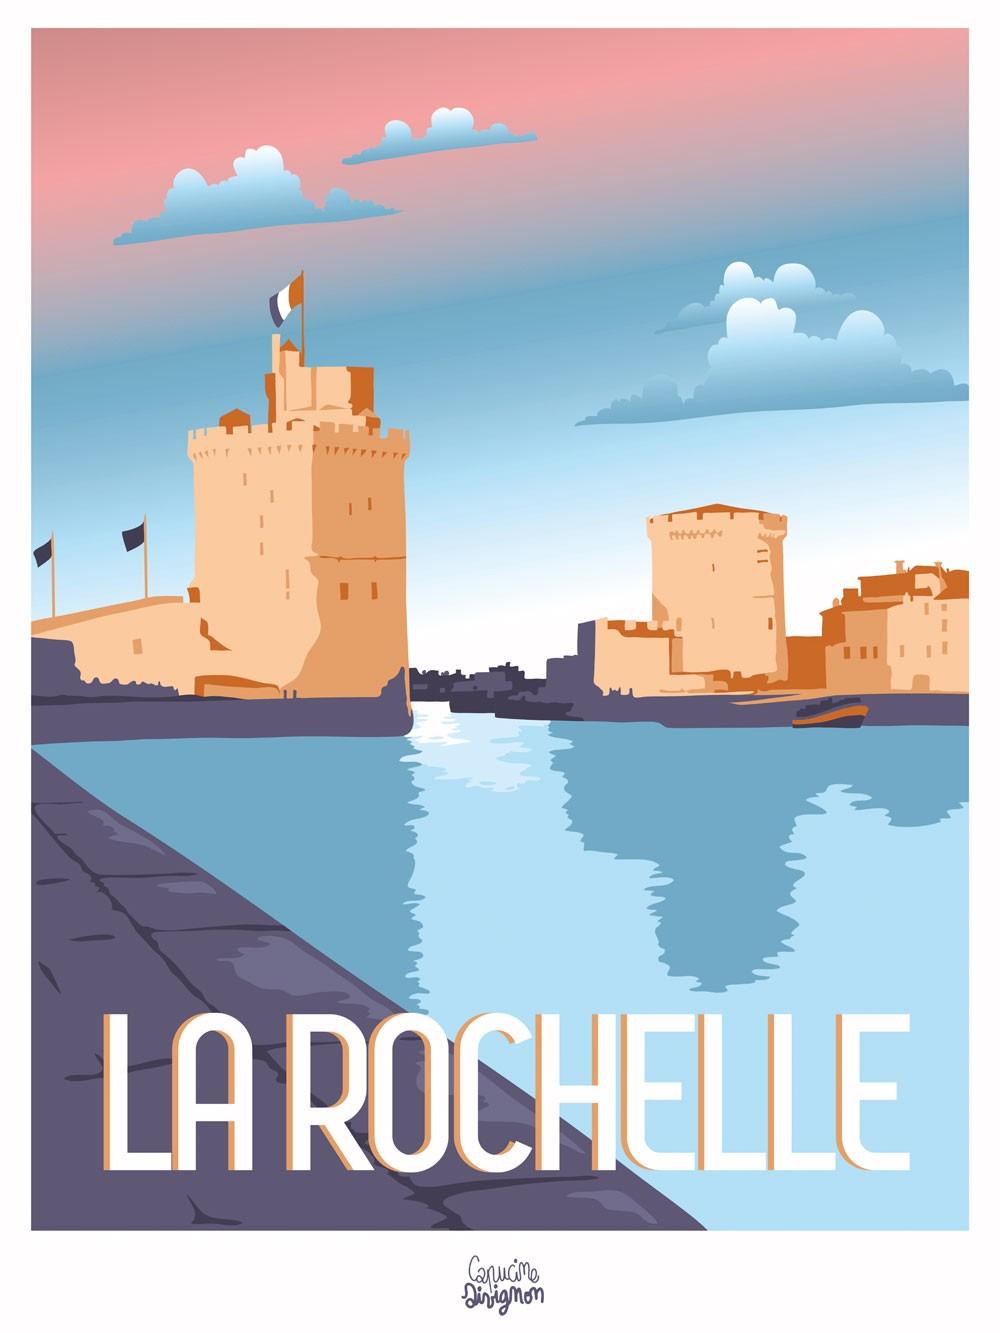 Affiche Capucine Sivignon La Rochelle 30x40cm Affiches De Voyage Retro Affiches De Voyage Illustration De Voyage